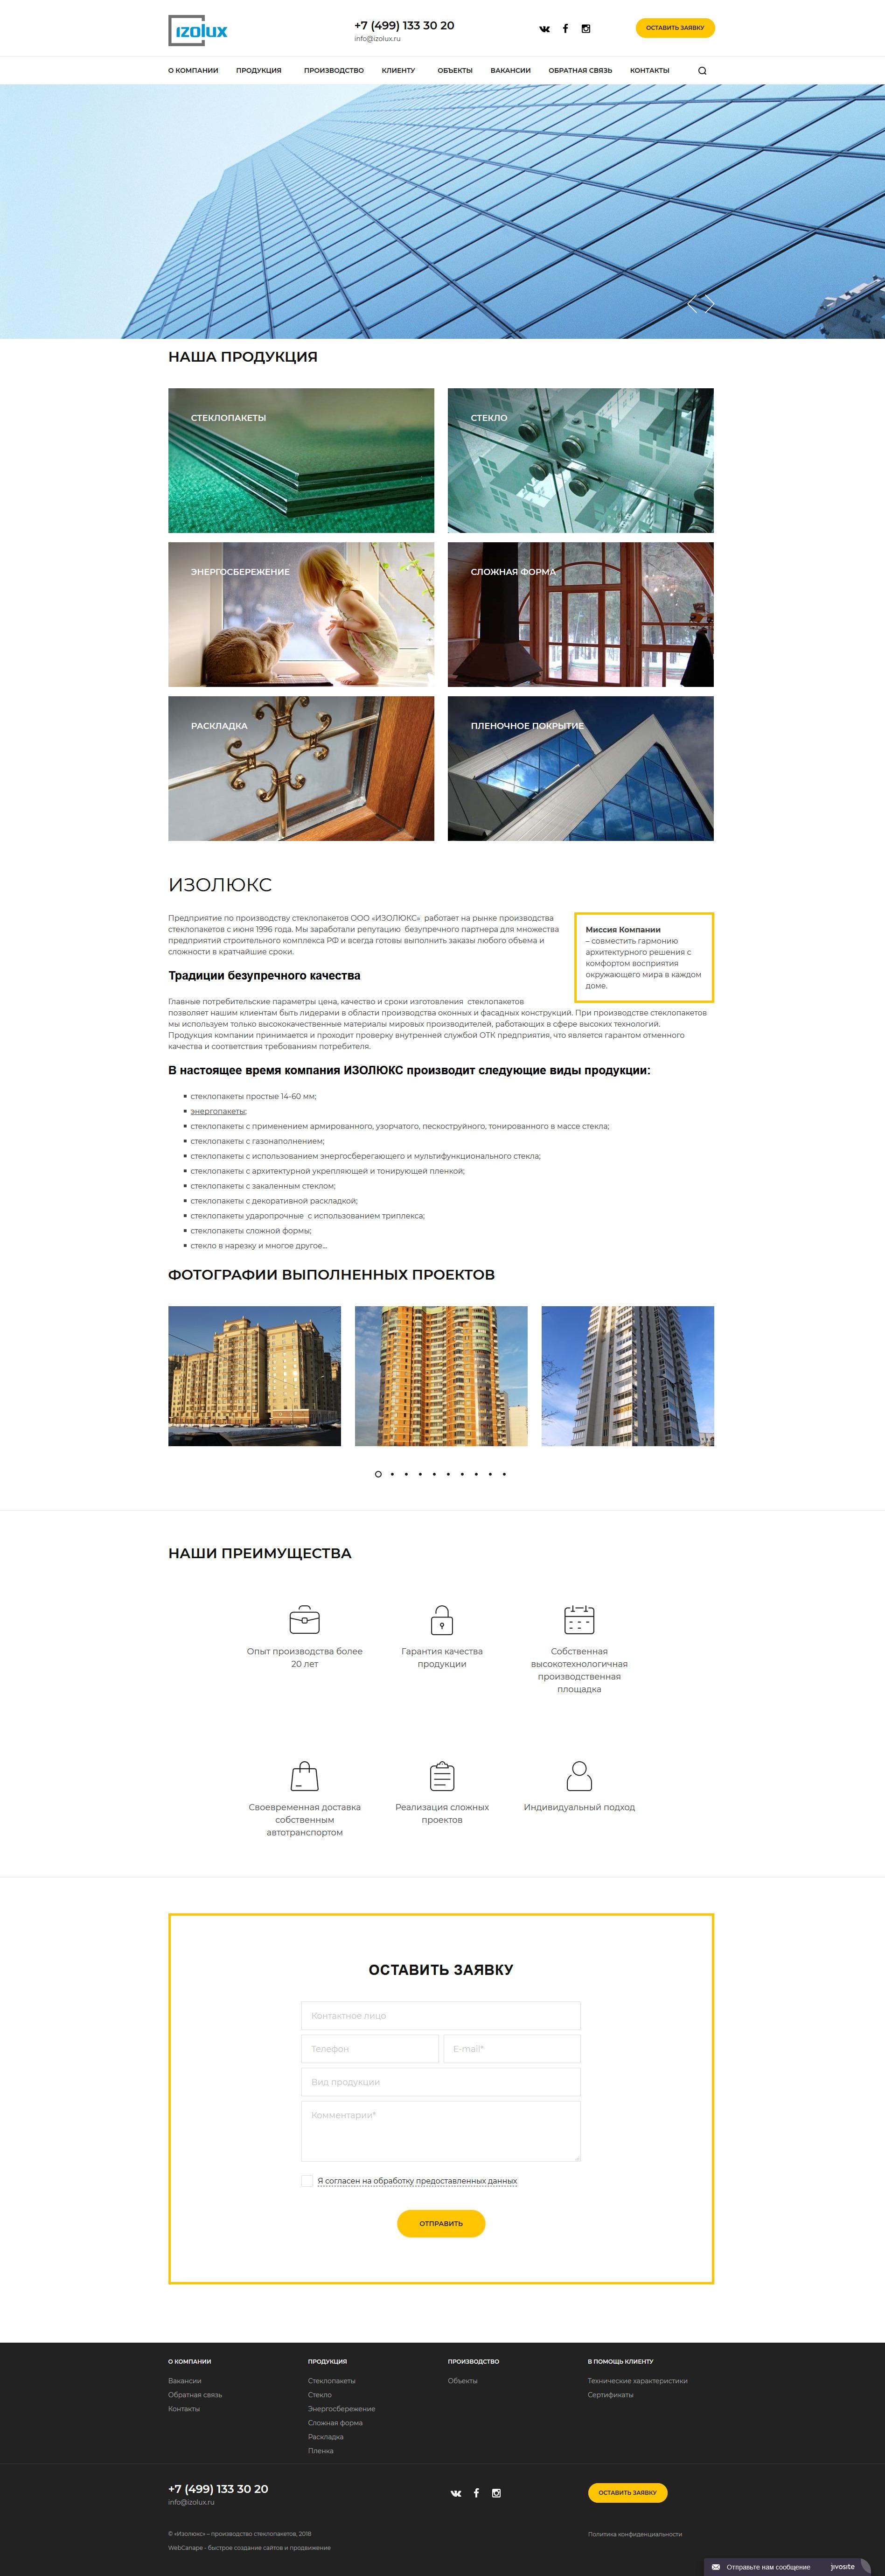 Разработка сайта для компании по производству стеклопакетов